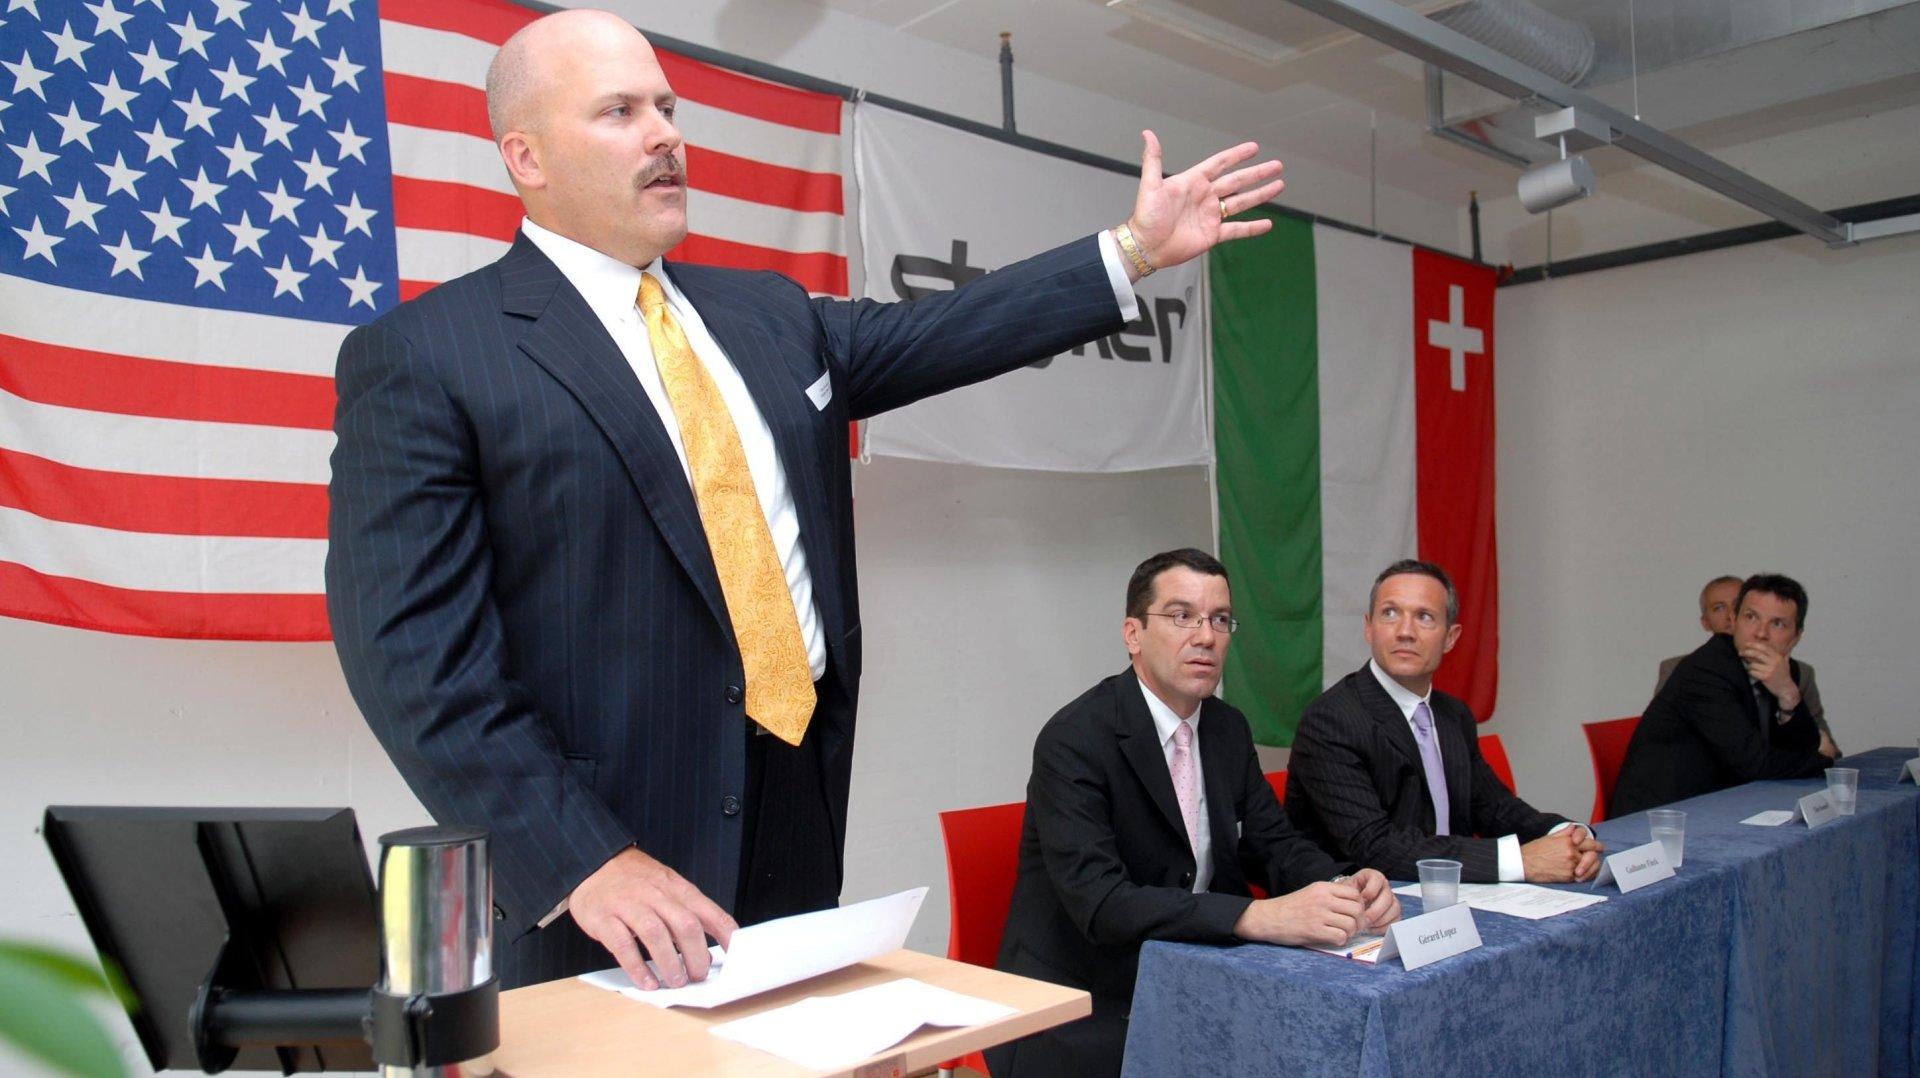 La Chaux-de-Fonds: Stryker veut fermer en 2023, 100 à 140 emplois seraient supprimés